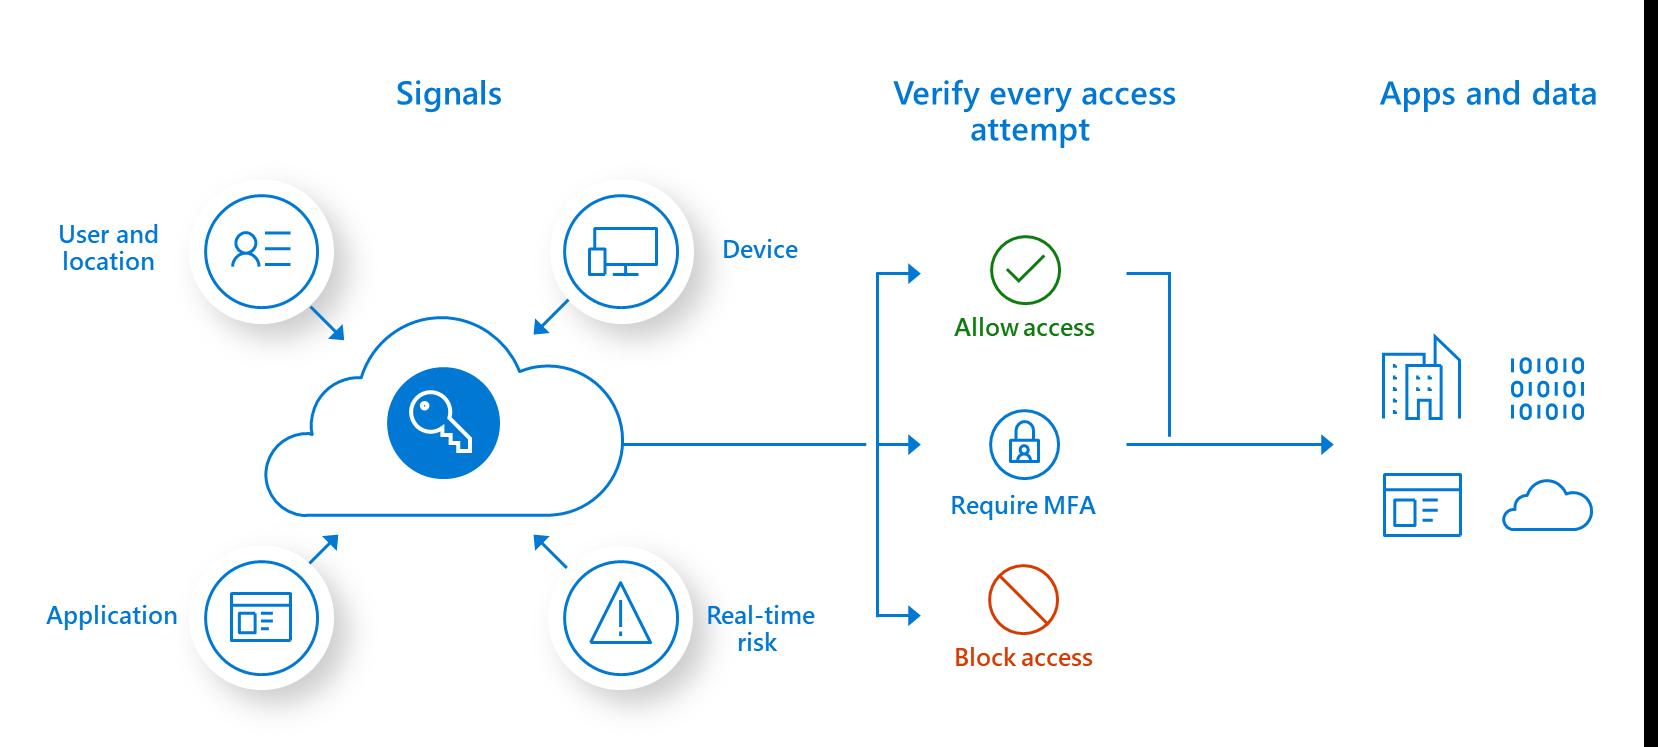 条件付きアクセスの概要を示すインフォグラフィック。シグナル (ユーザーの場所、デバイス、リアルタイム リスク、アプリケーション)、すべてのアクセス試行の検証 (アクセスを許可、MFA を要求、アクセスをブロック)、アプリとデータ。